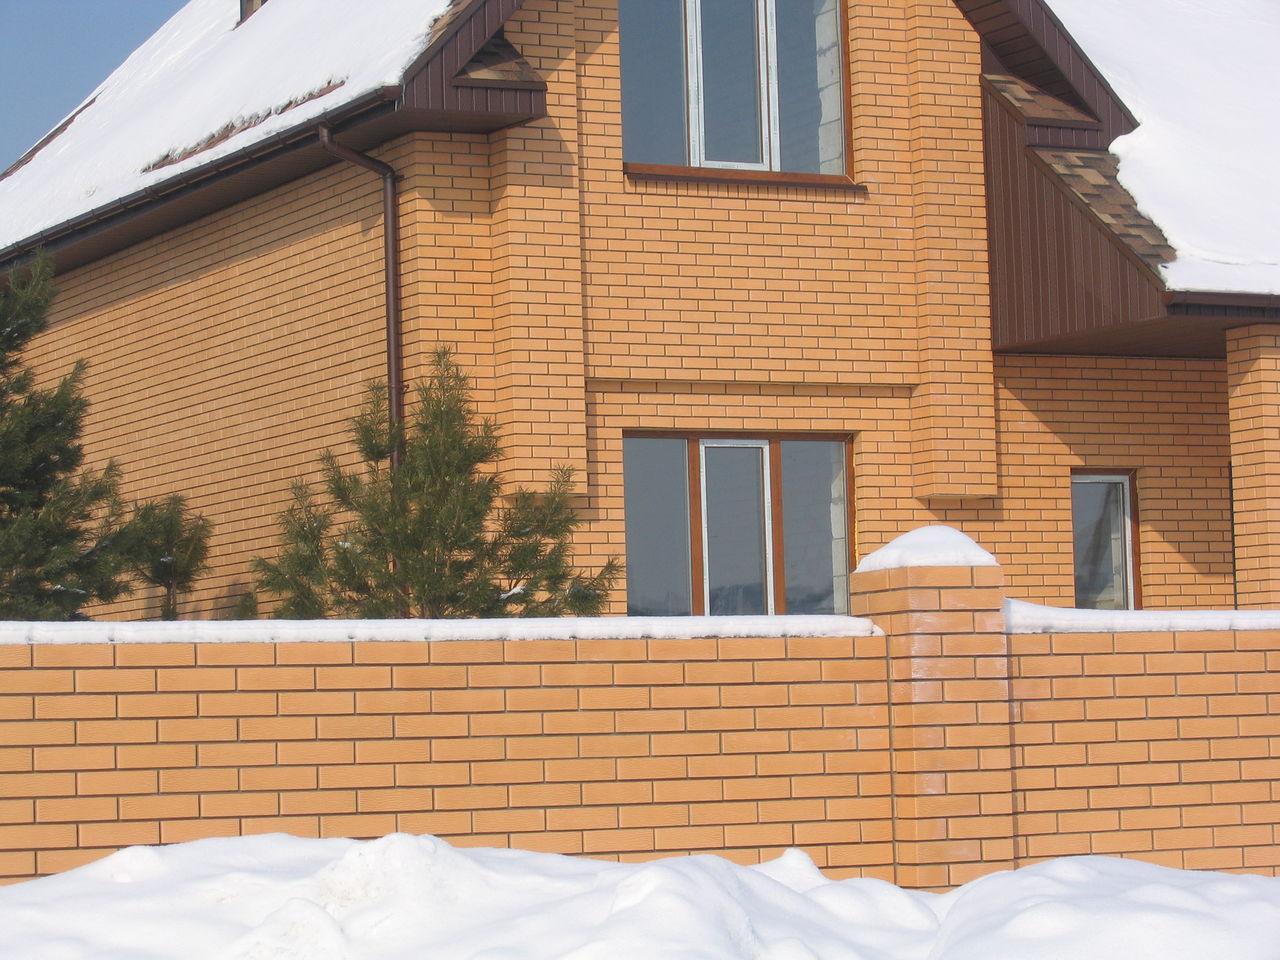 Дизайн фасада в классическом стиле при помощи керамической защитной облицовки